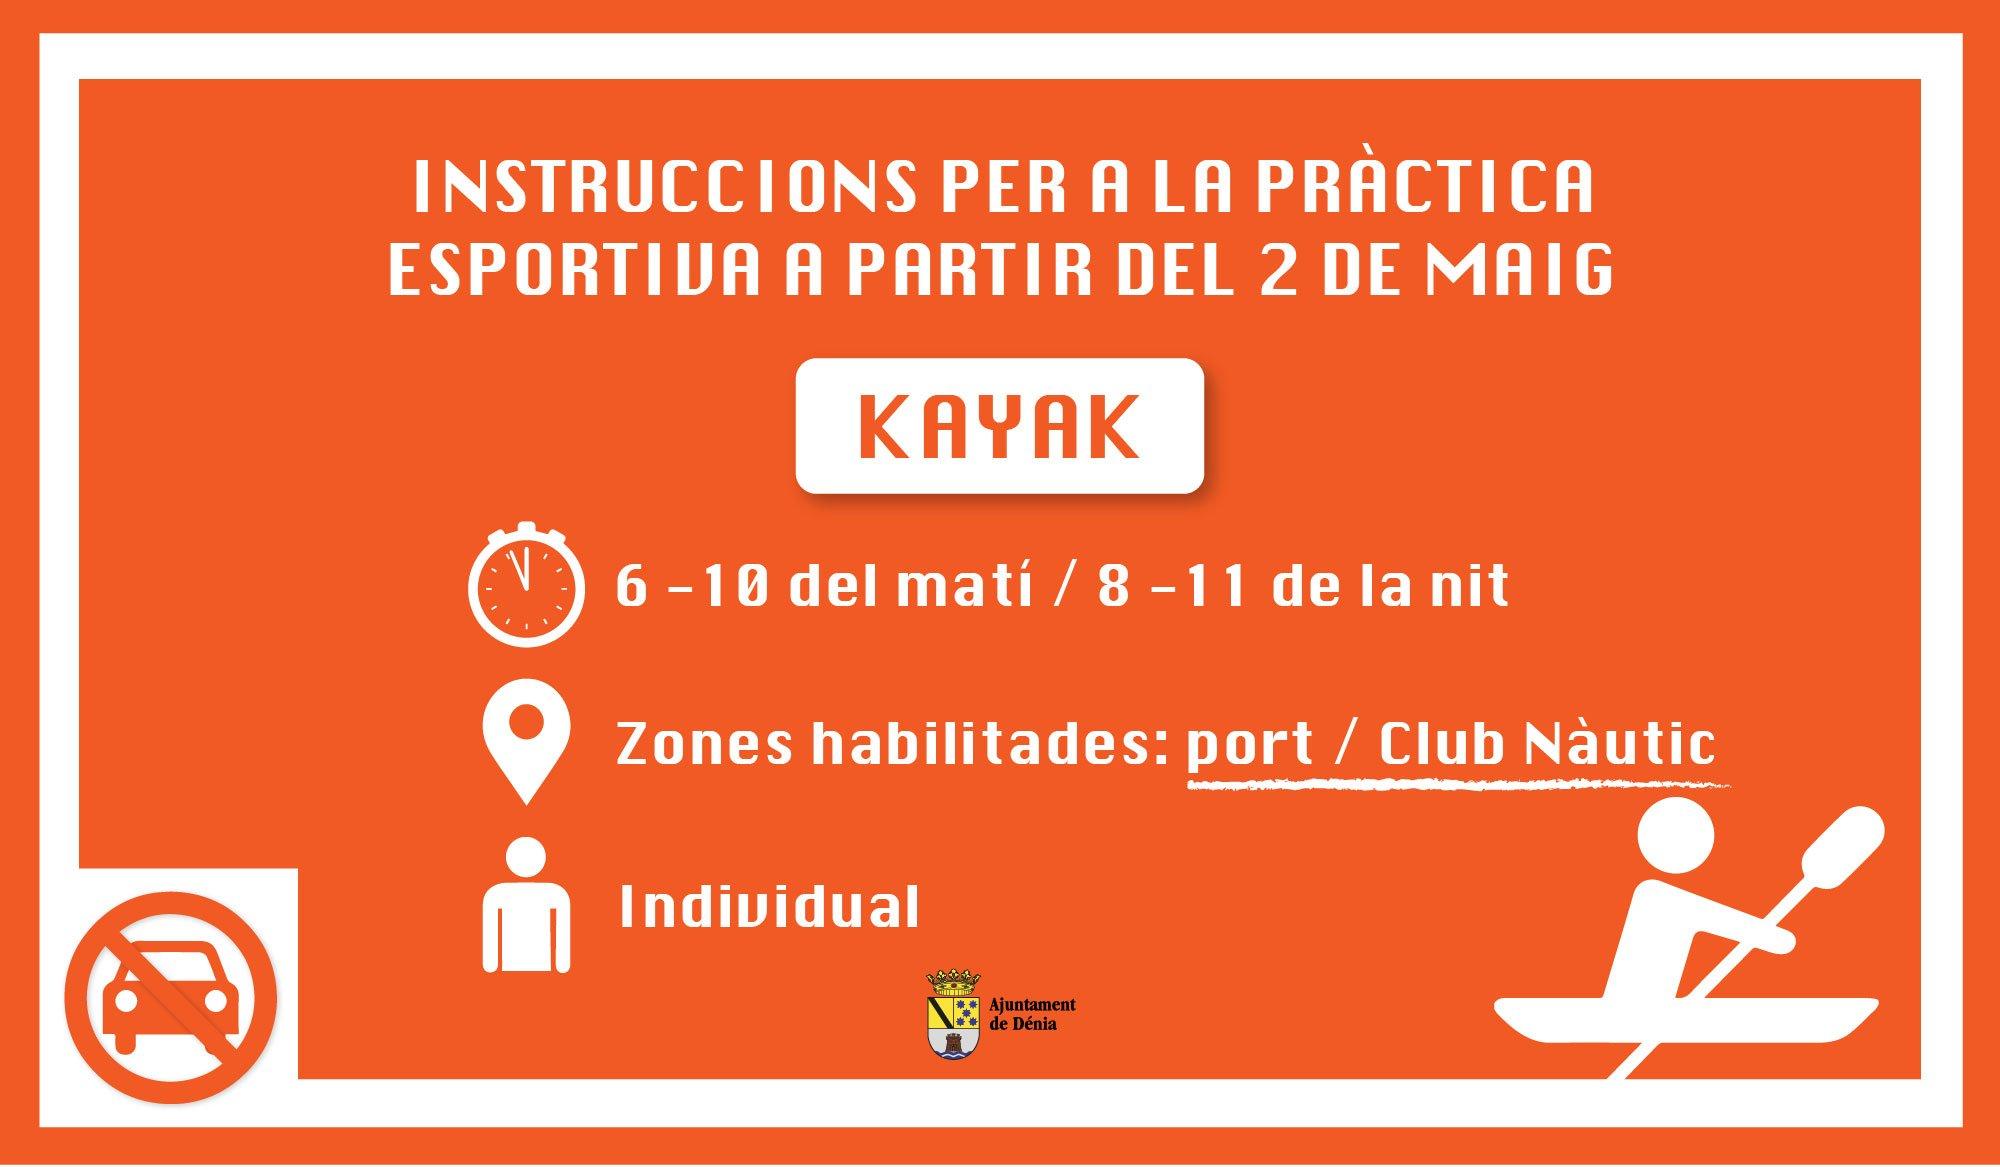 Instrucciones para la práctica de kayak